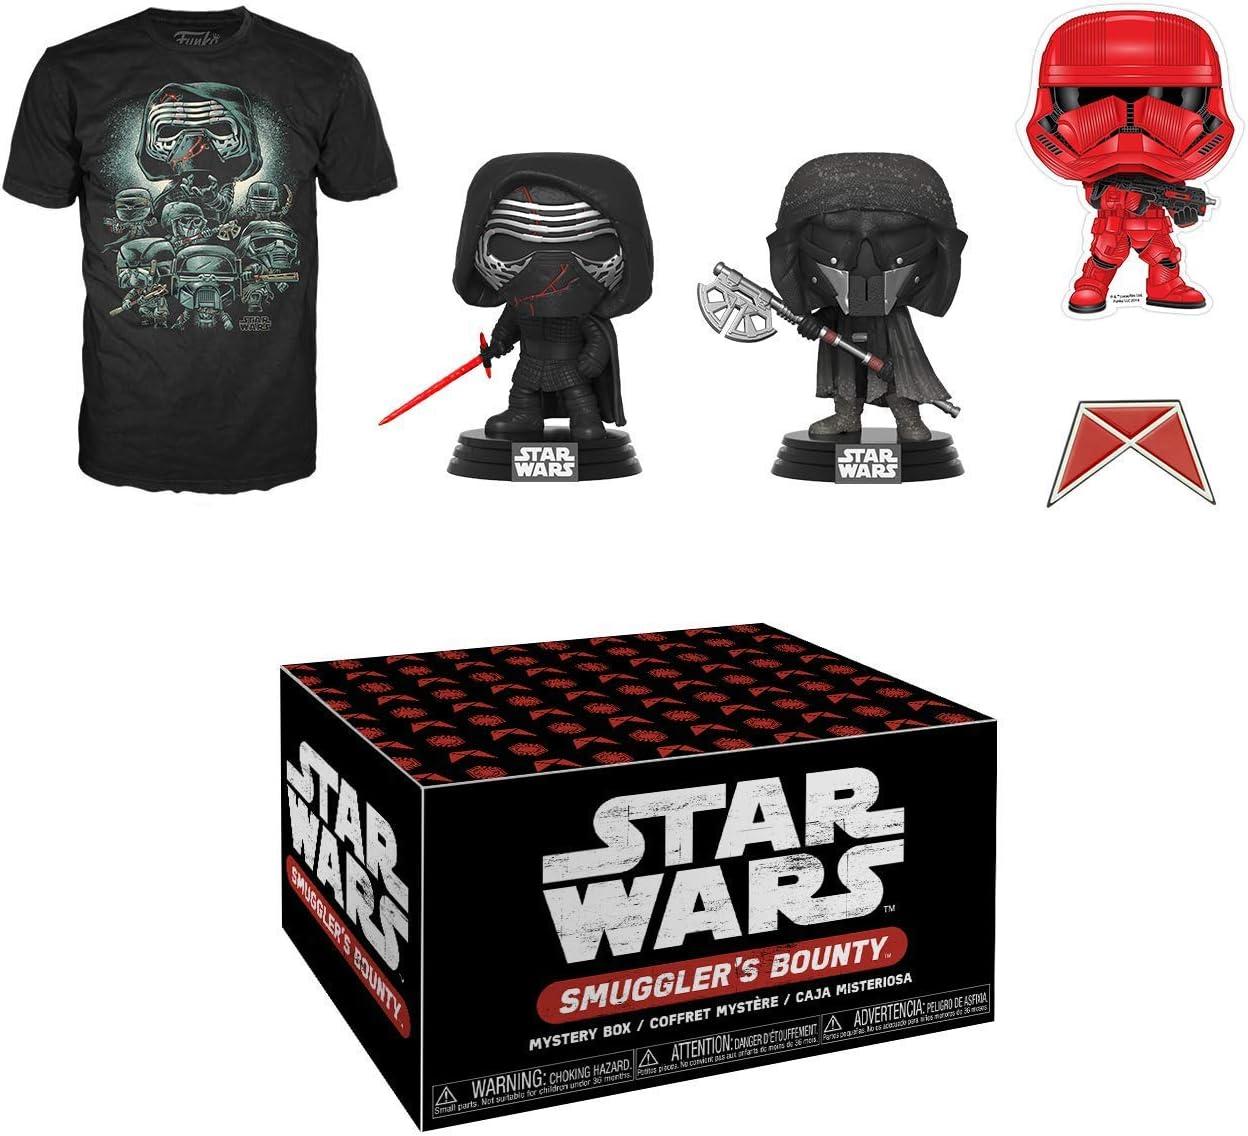 Funko Star Wars Smugglers Bounty Caja de suscripción, Forces of Darkness, octubre de 2019, camiseta pequeña: Amazon.es: Juguetes y juegos